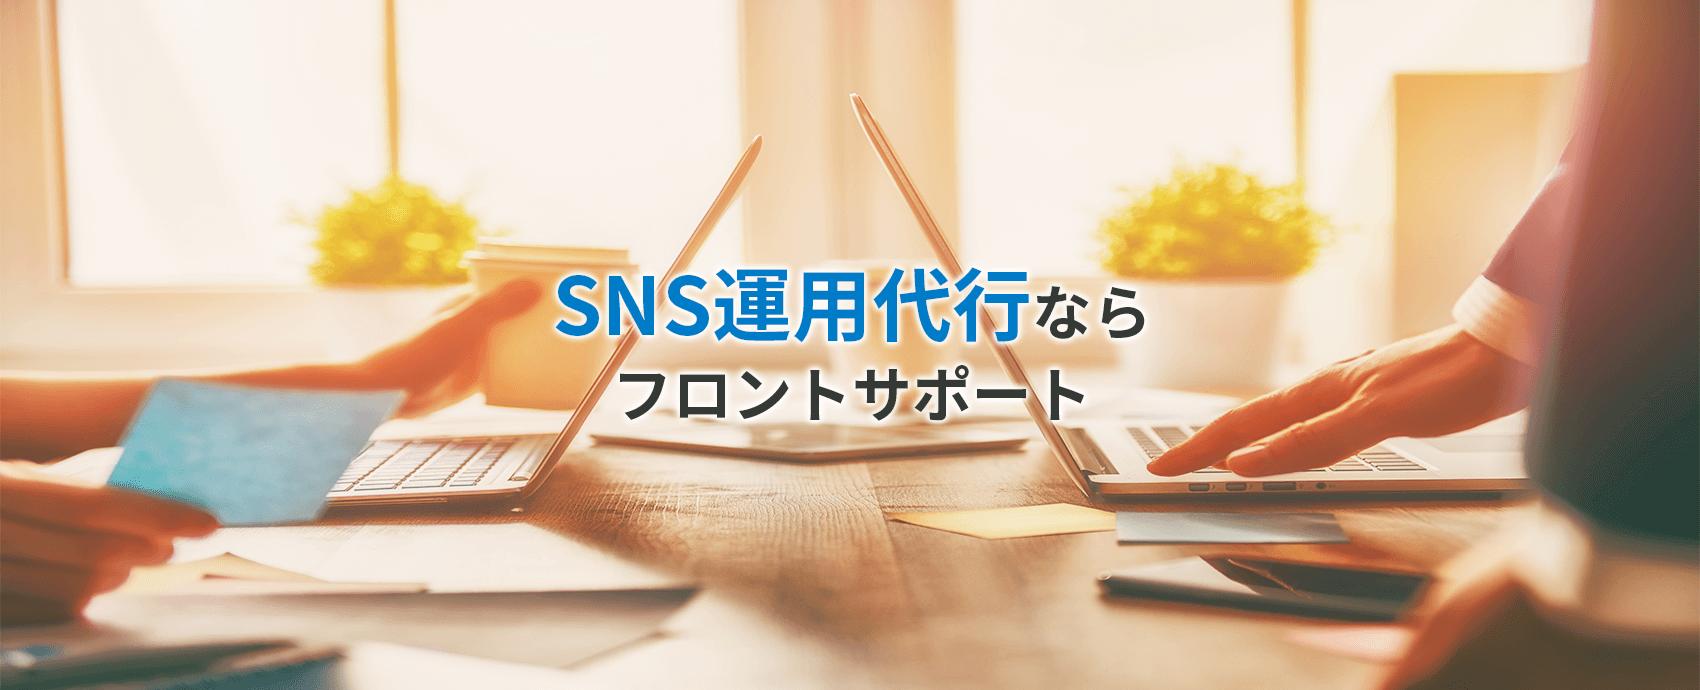 SNS運用代行はアディッシュのフロントサポートサービスへ